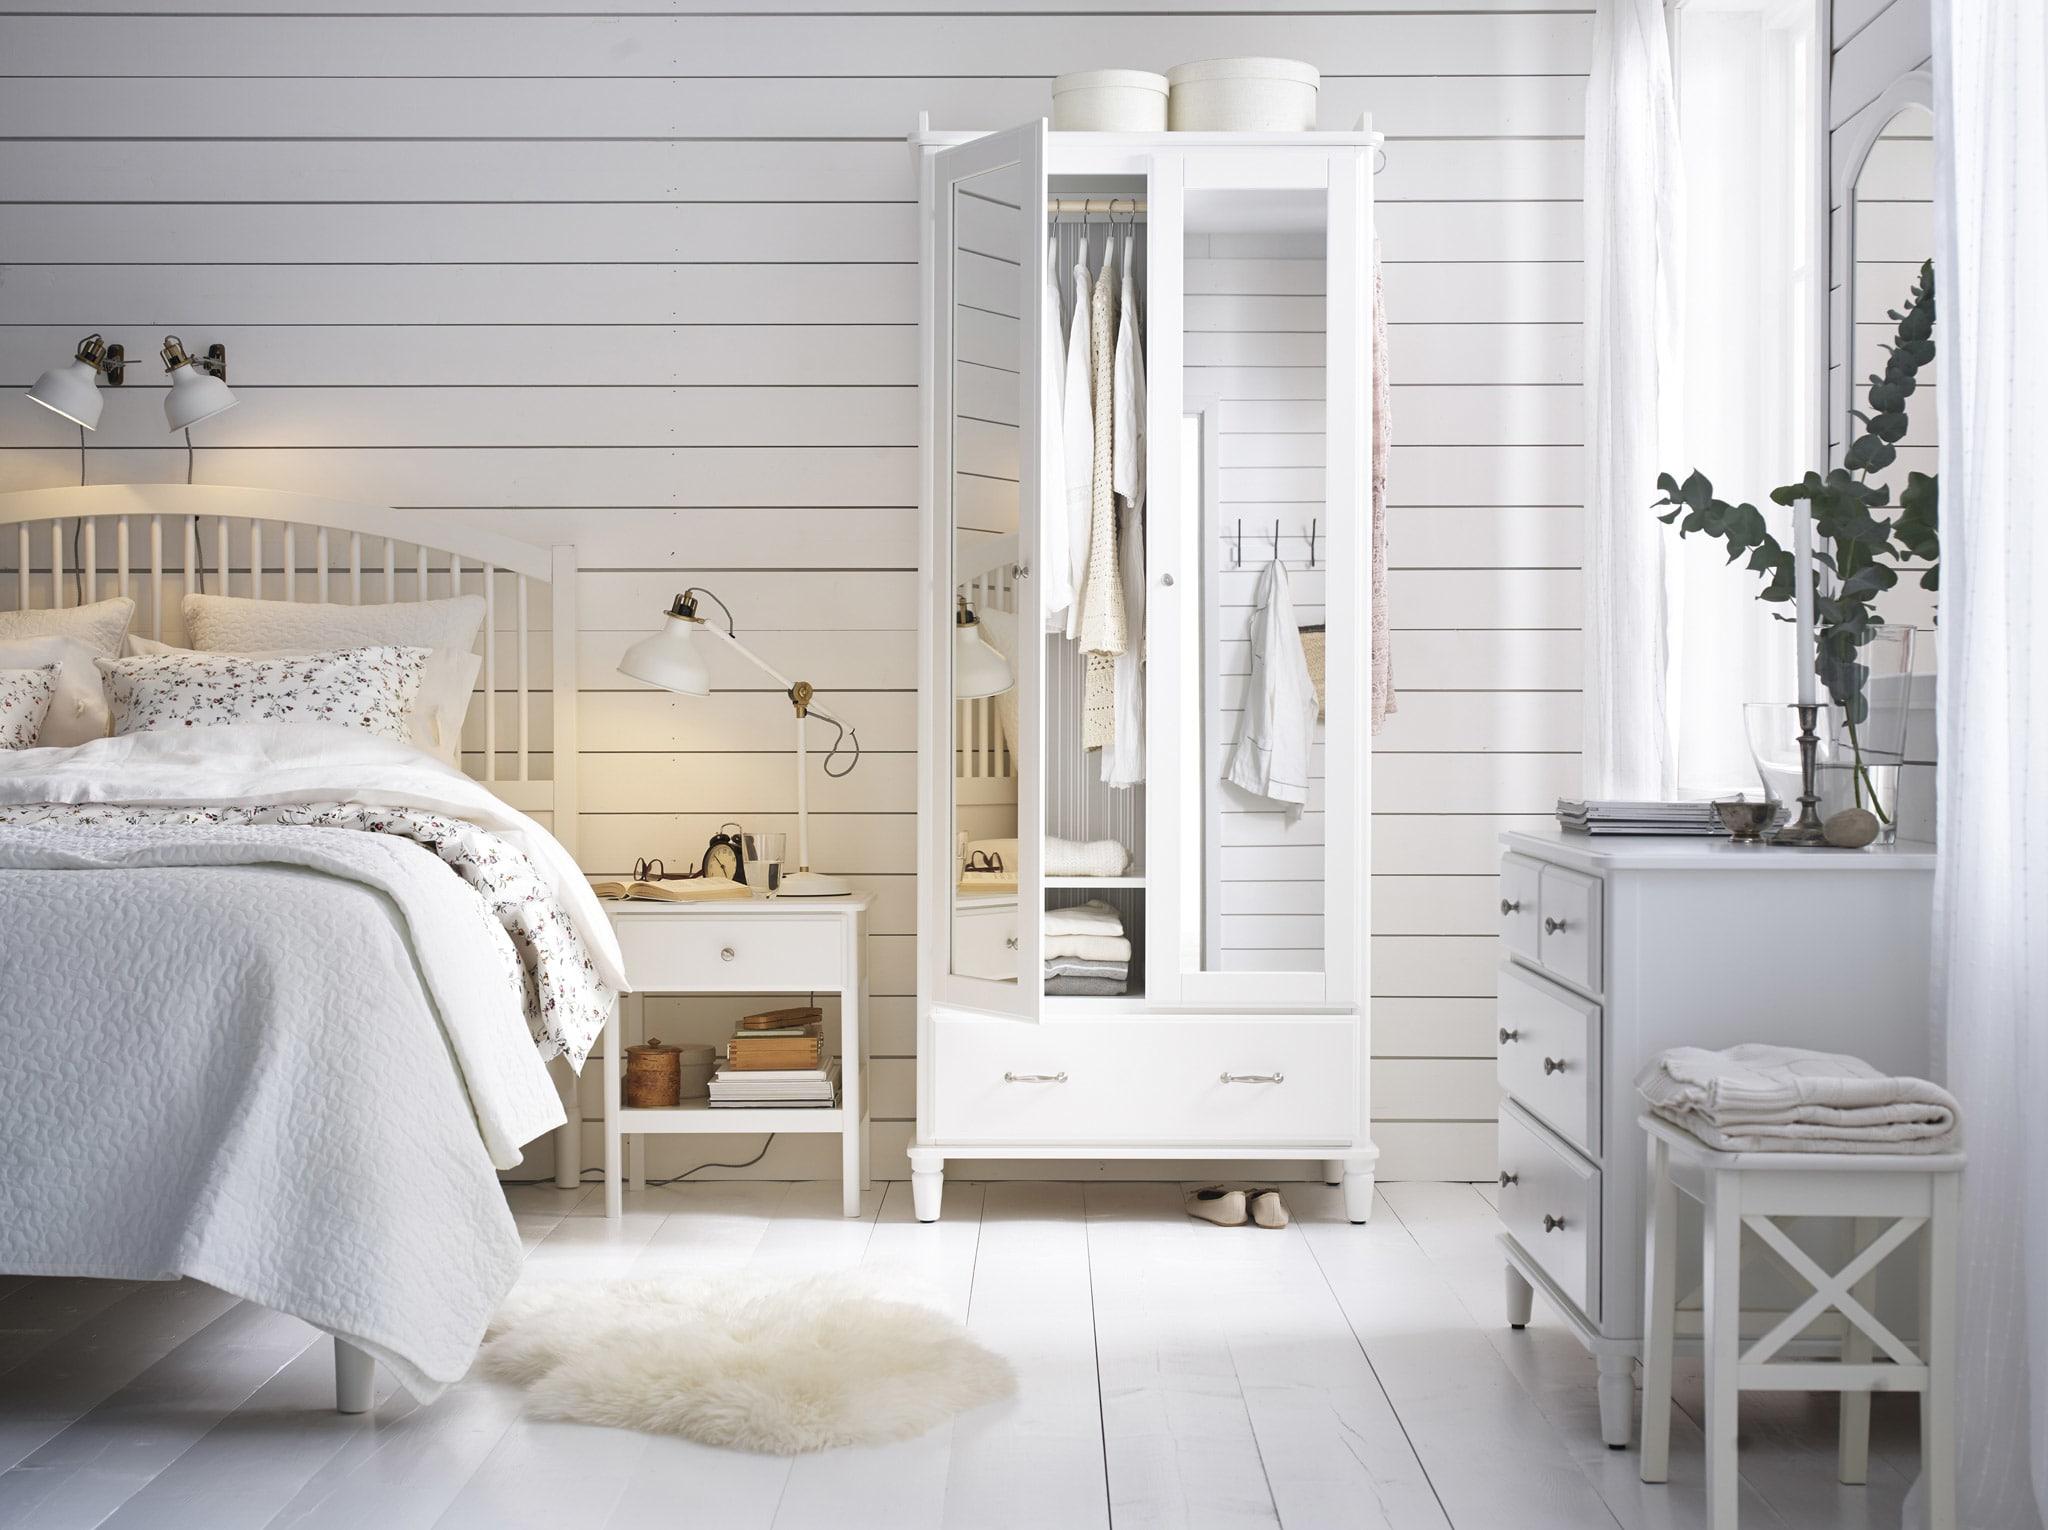 Sillas Dormitorio Ikea Tldn Muebles De Dormitorio Pra Online Ikea